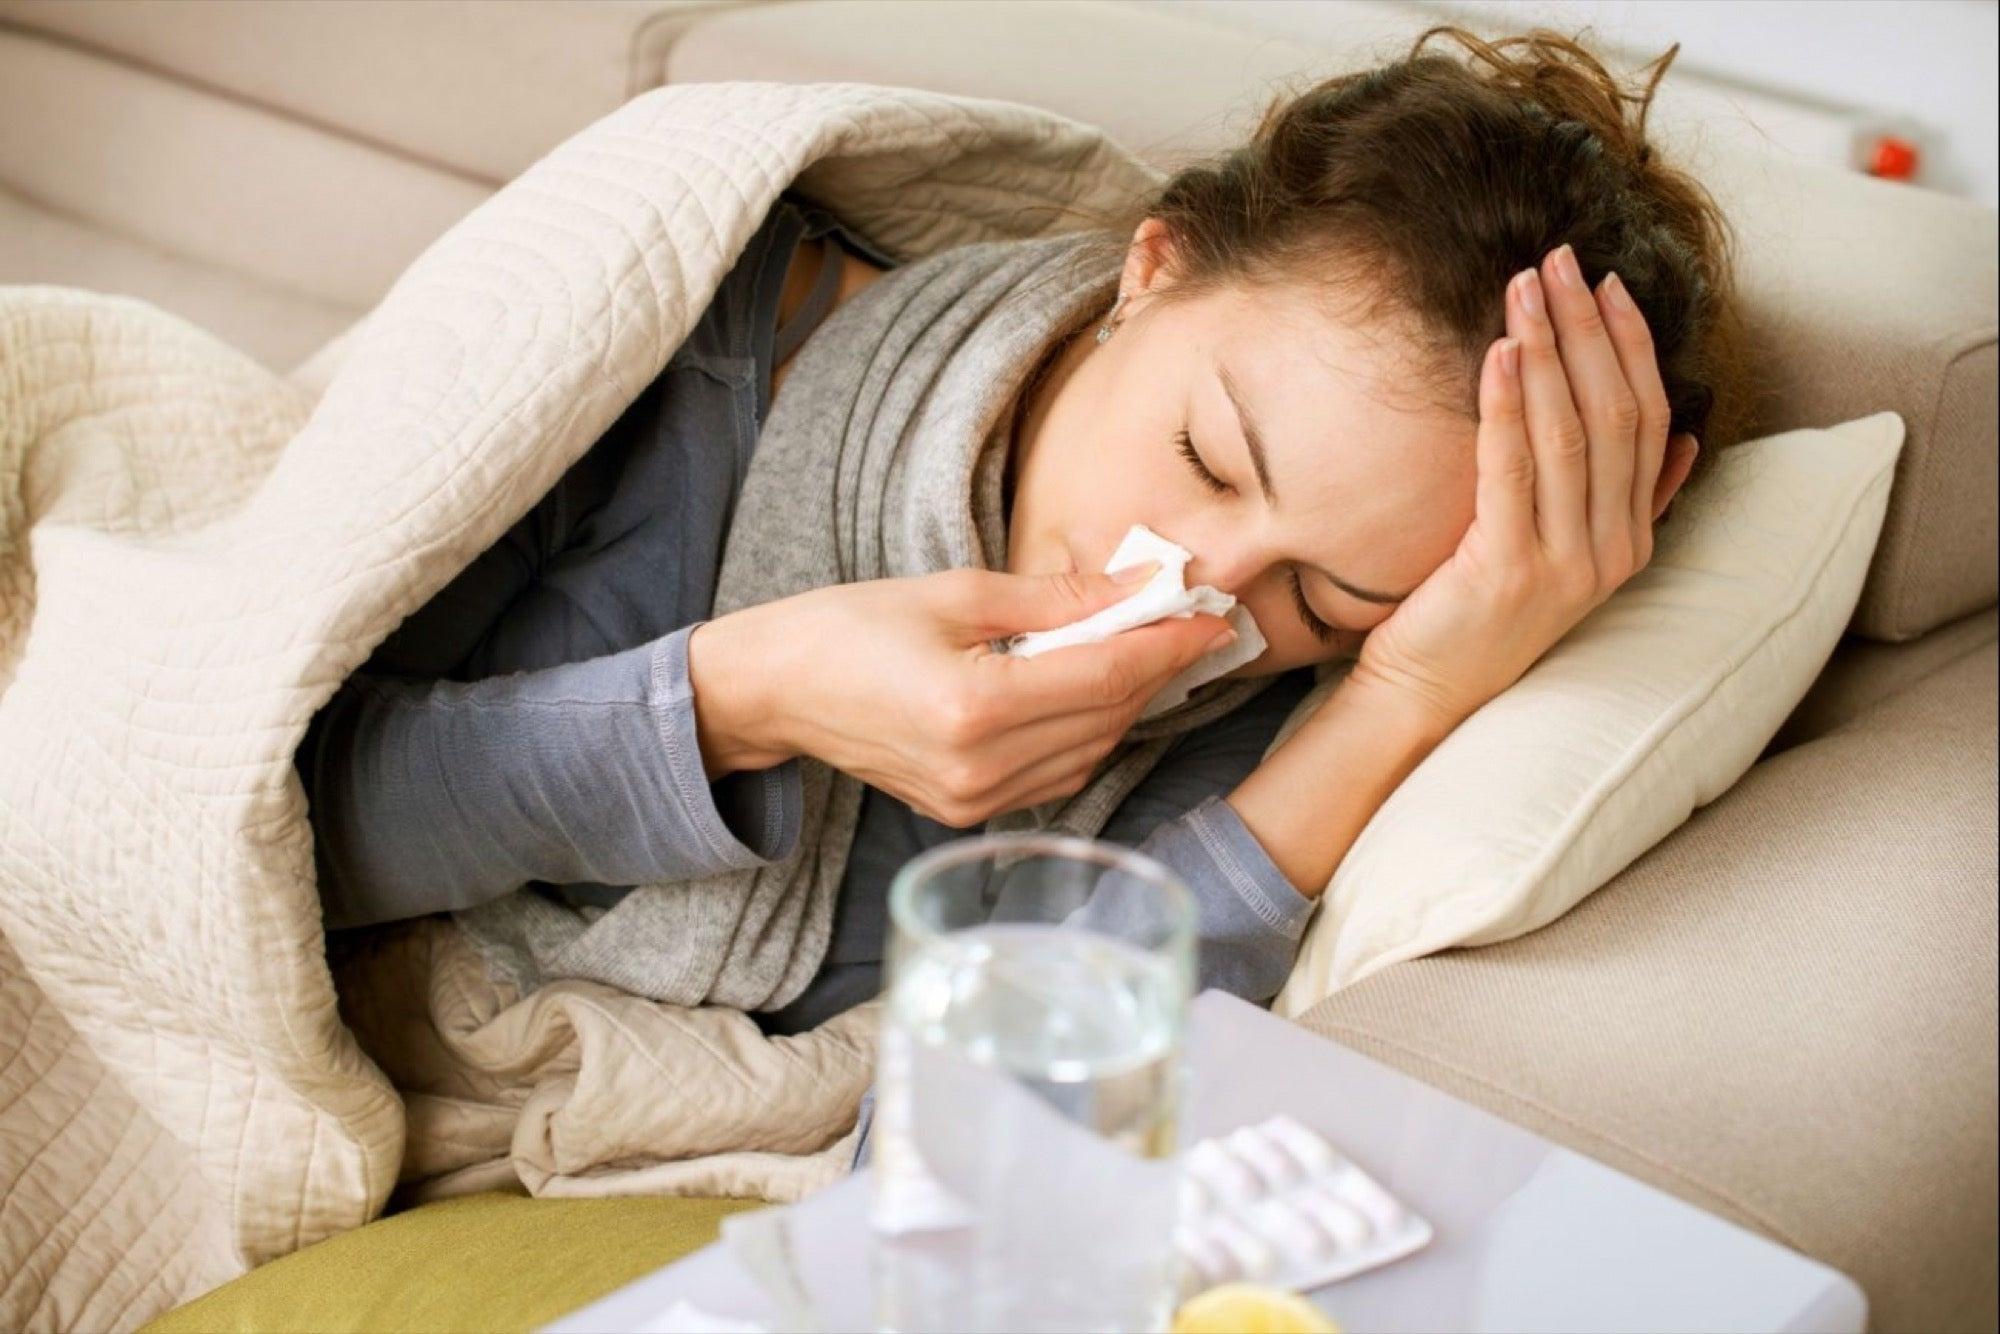 como quitar resfriado rapido